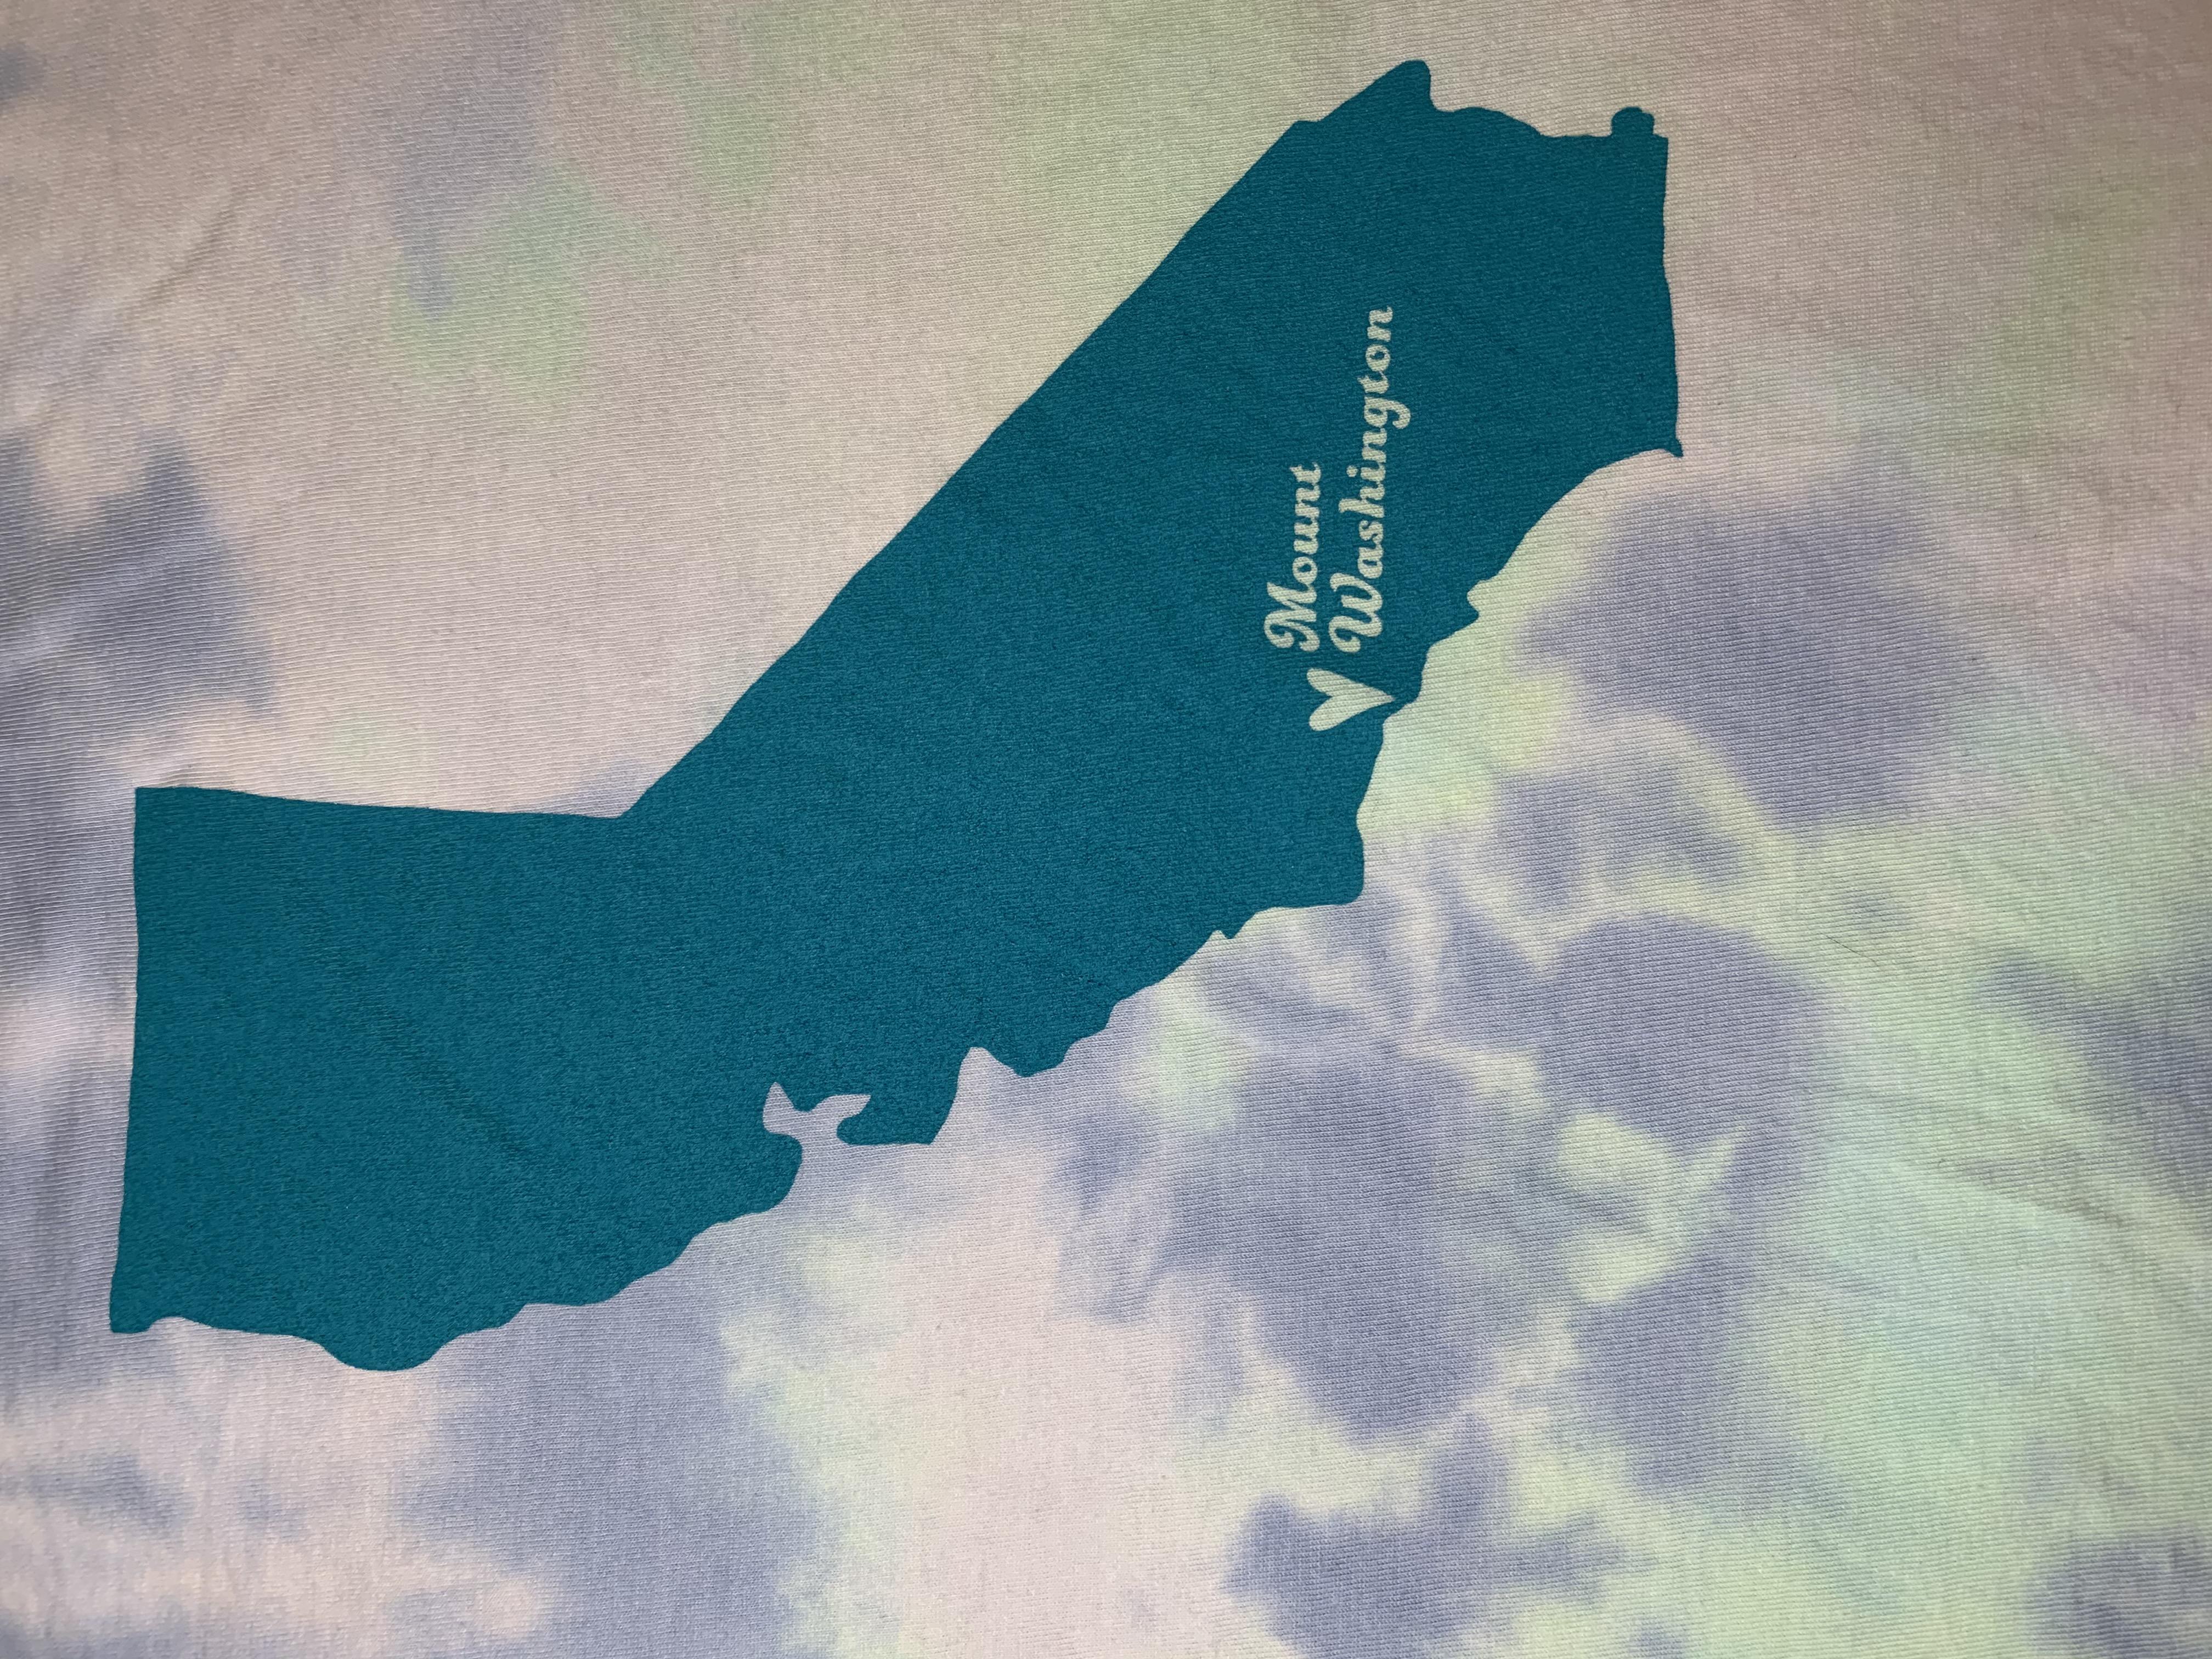 Adult Crewneck Tee - Green Tie Dye/Teal MW Hearts California